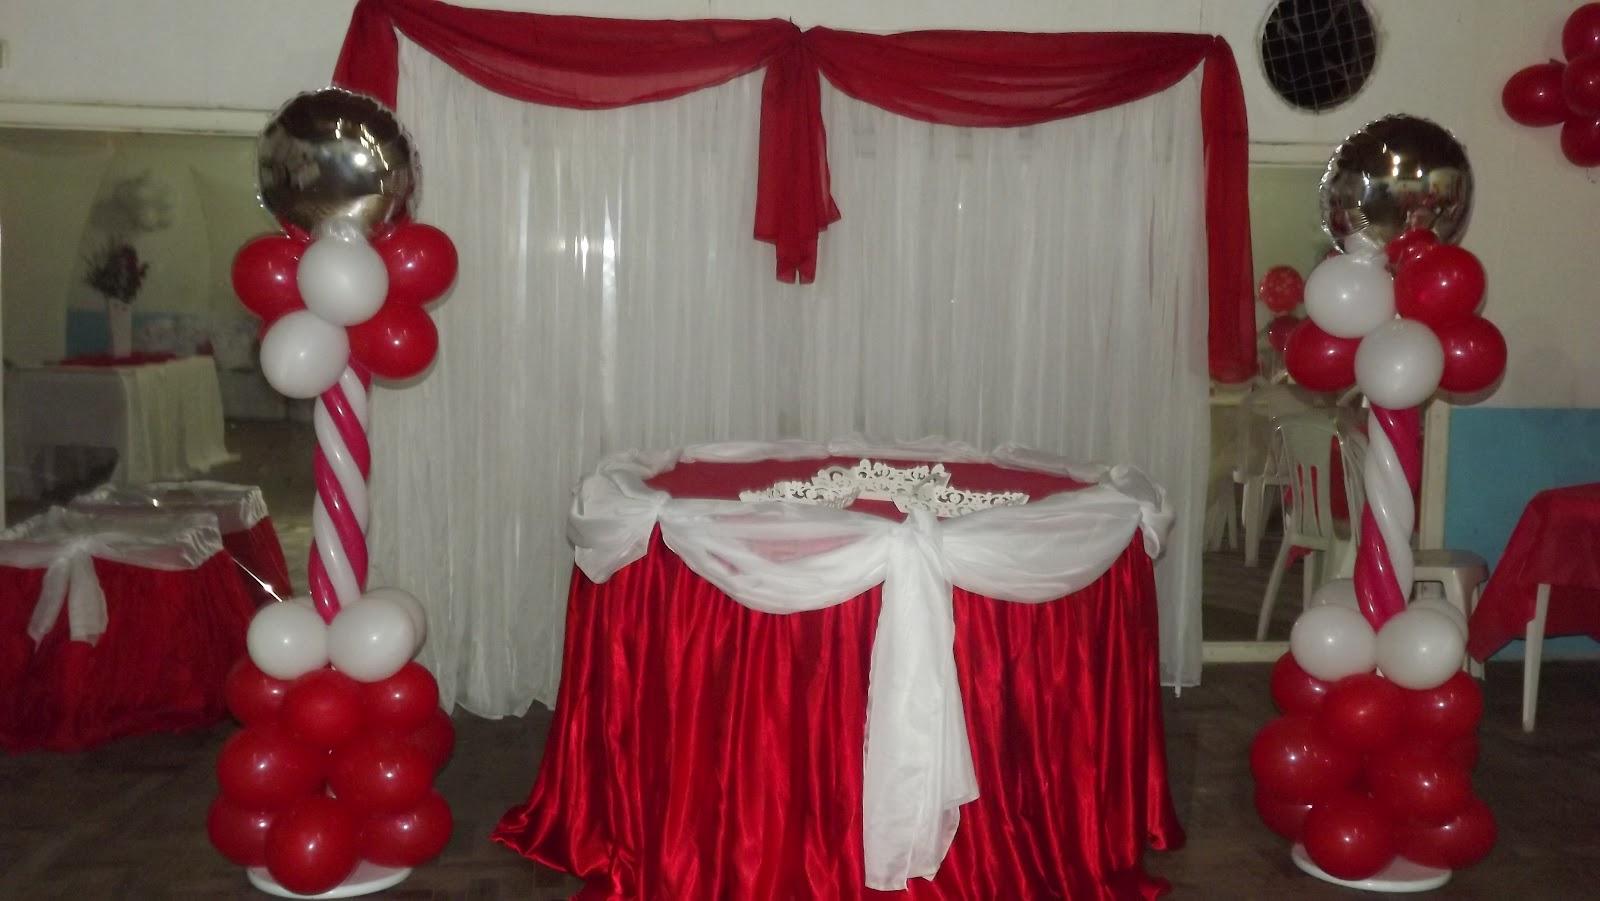 decoracao de banheiro vermelho e branco:Download image Decora O Vermelho E Branco PC, Android, iPhone and iPad